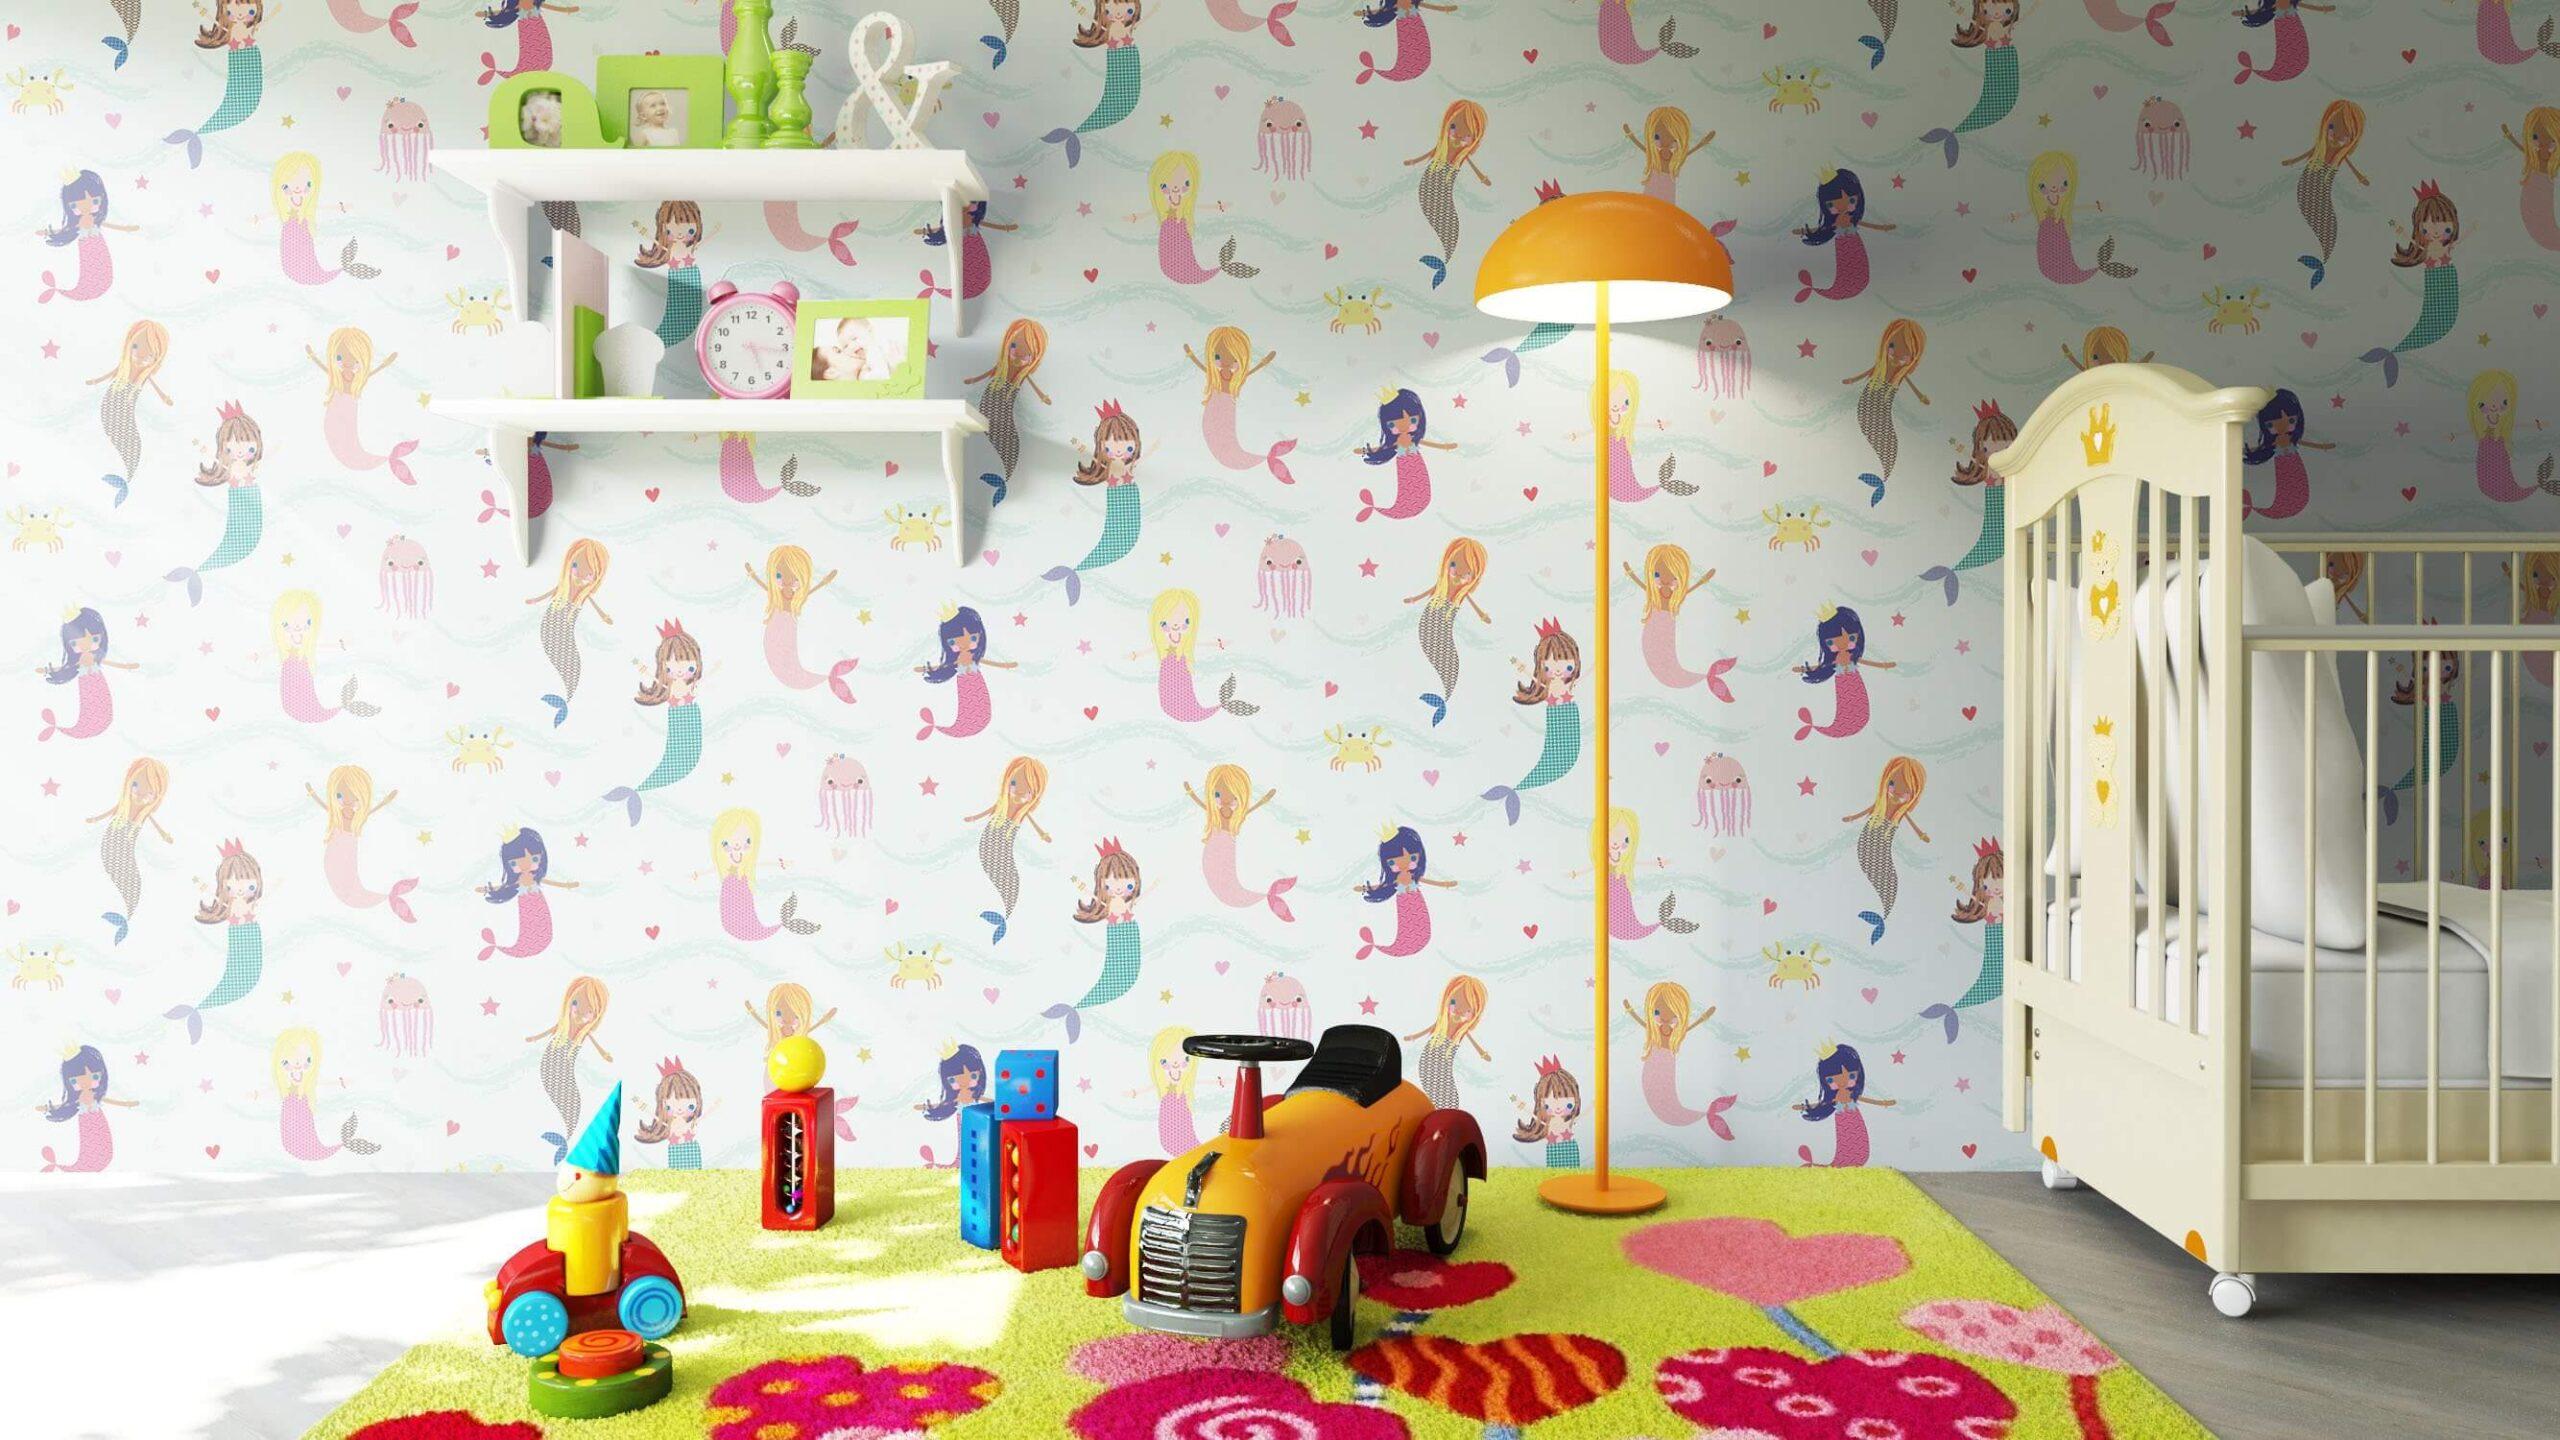 Full Size of Tapeten Kinderzimmer Papiertapete Blau Meerjungfrauen Meer Kinder Fototapeten Wohnzimmer Ideen Für Küche Sofa Regal Schlafzimmer Die Regale Weiß Kinderzimmer Tapeten Kinderzimmer